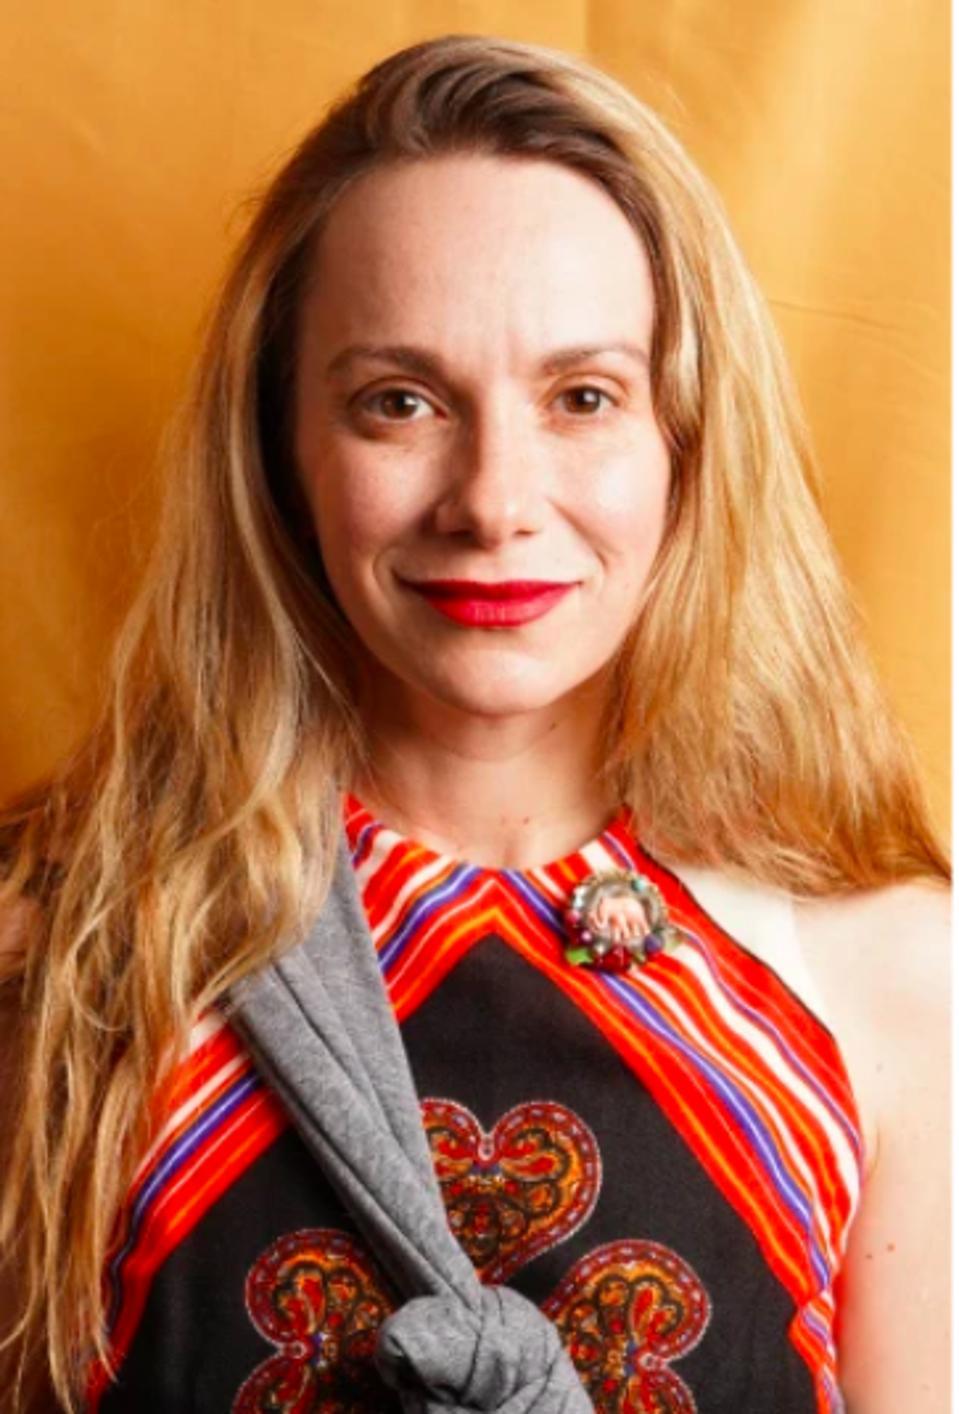 Lauren Gannes, Founder of HIghborn NYC